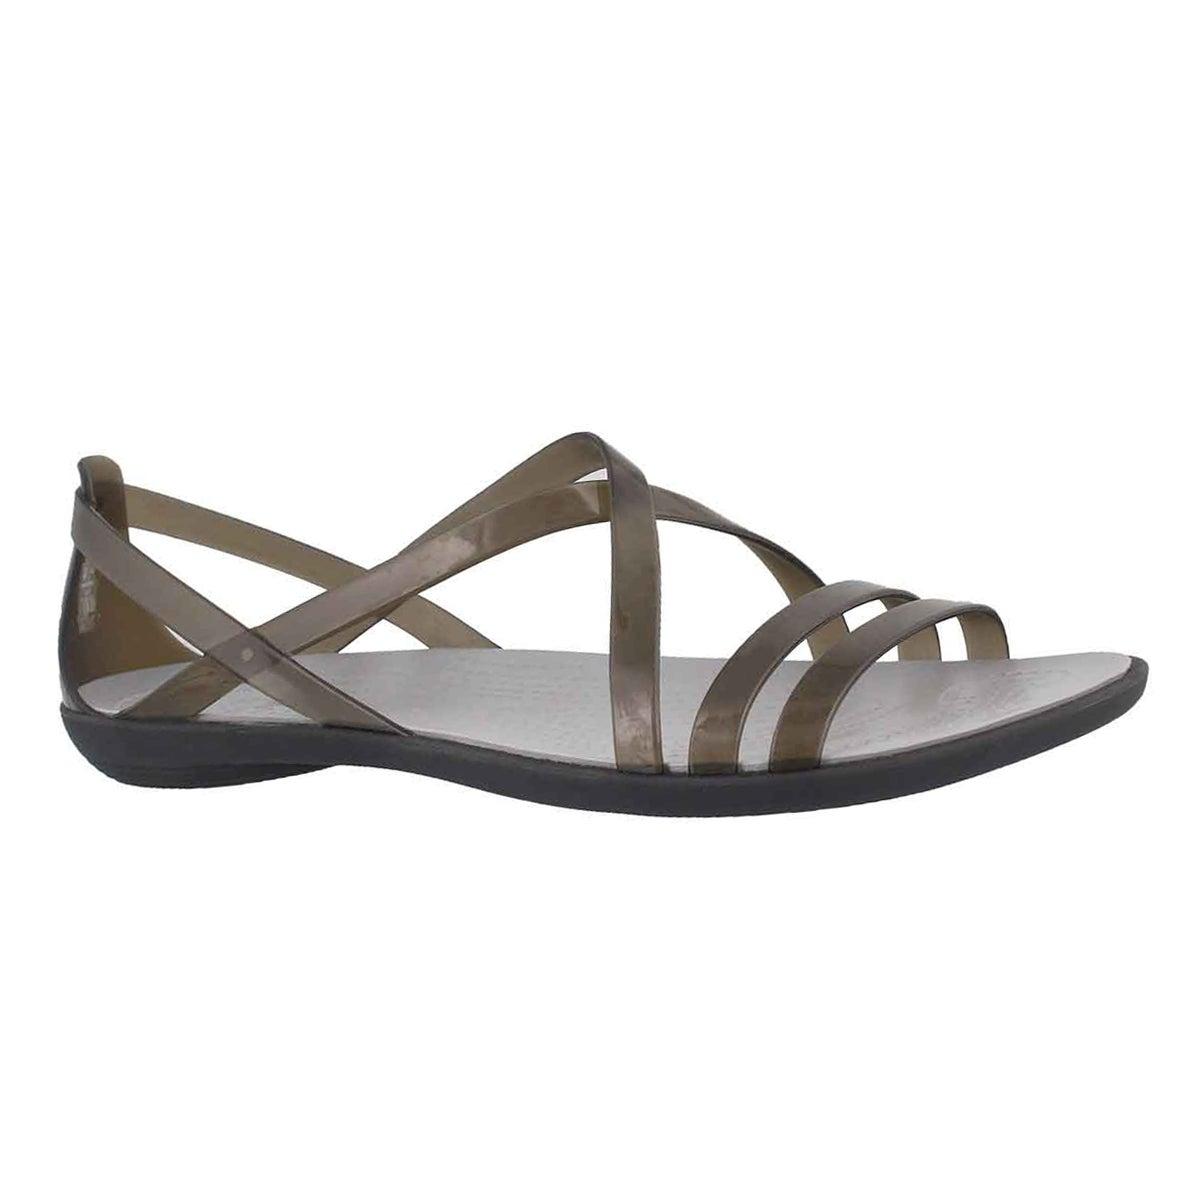 Women's ISABELLA STRAPPY black sandals